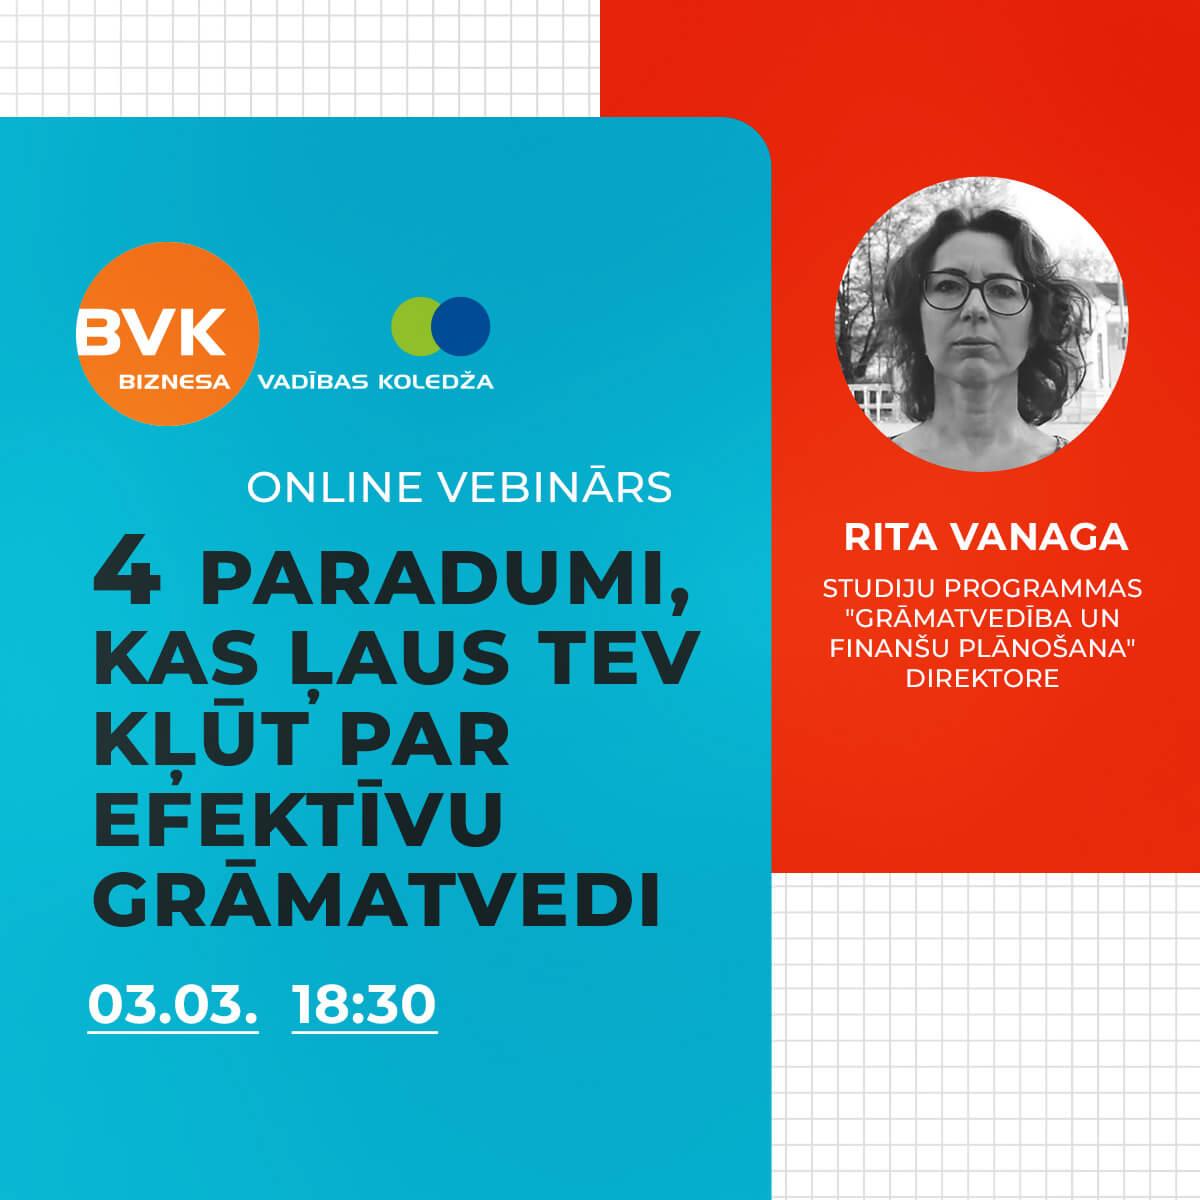 BVK online vebinārs «Grāmatvedība un finanšu plānošana»